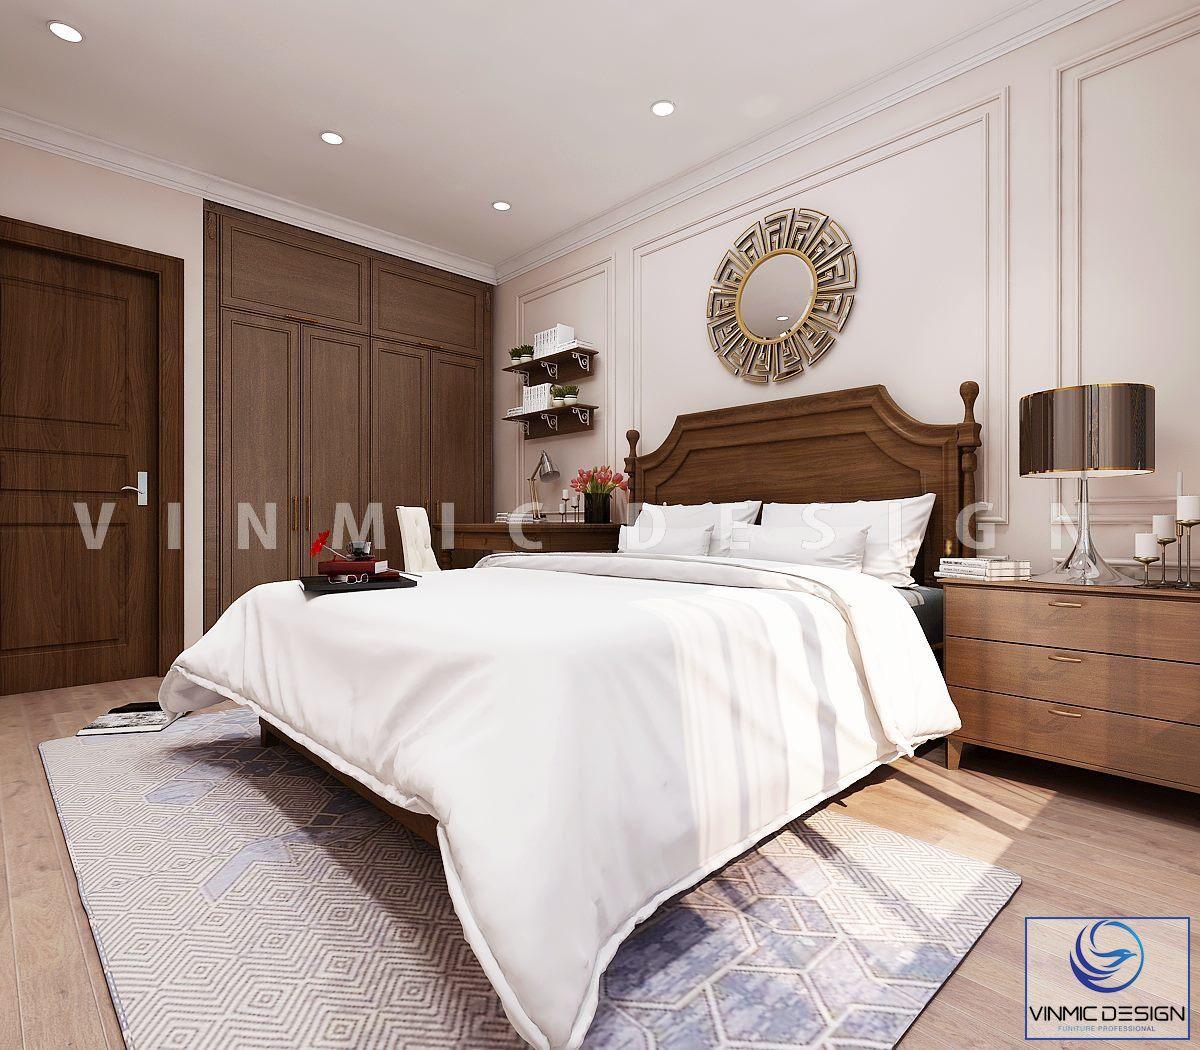 Thiết kế nội thất phòng ngủ đẹp tại biệt thự Vinhomes Imperia Hải Phòng